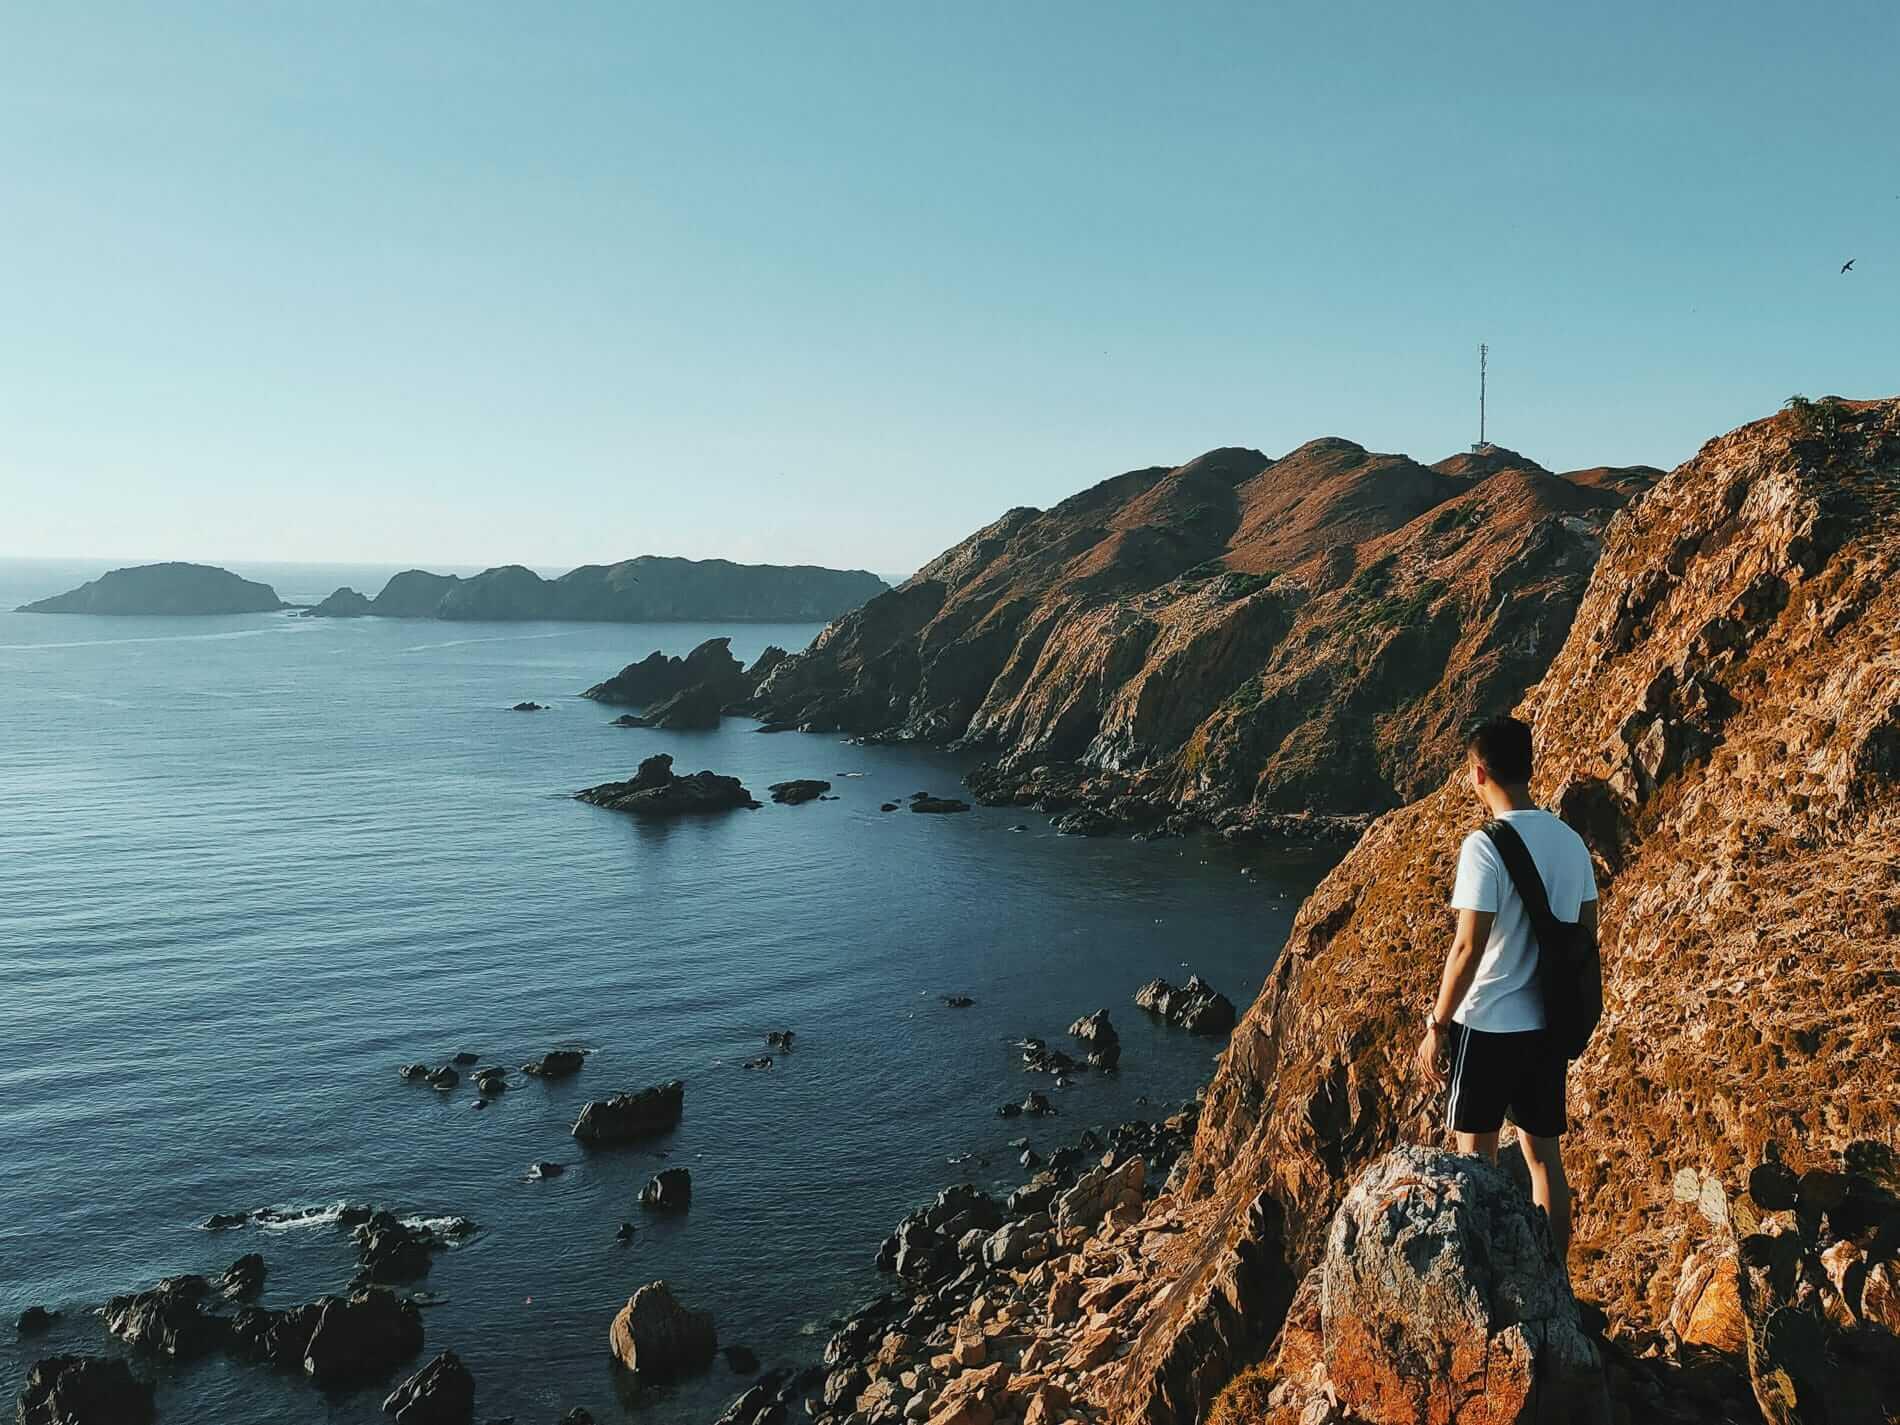 Coastline of Quy Nhon